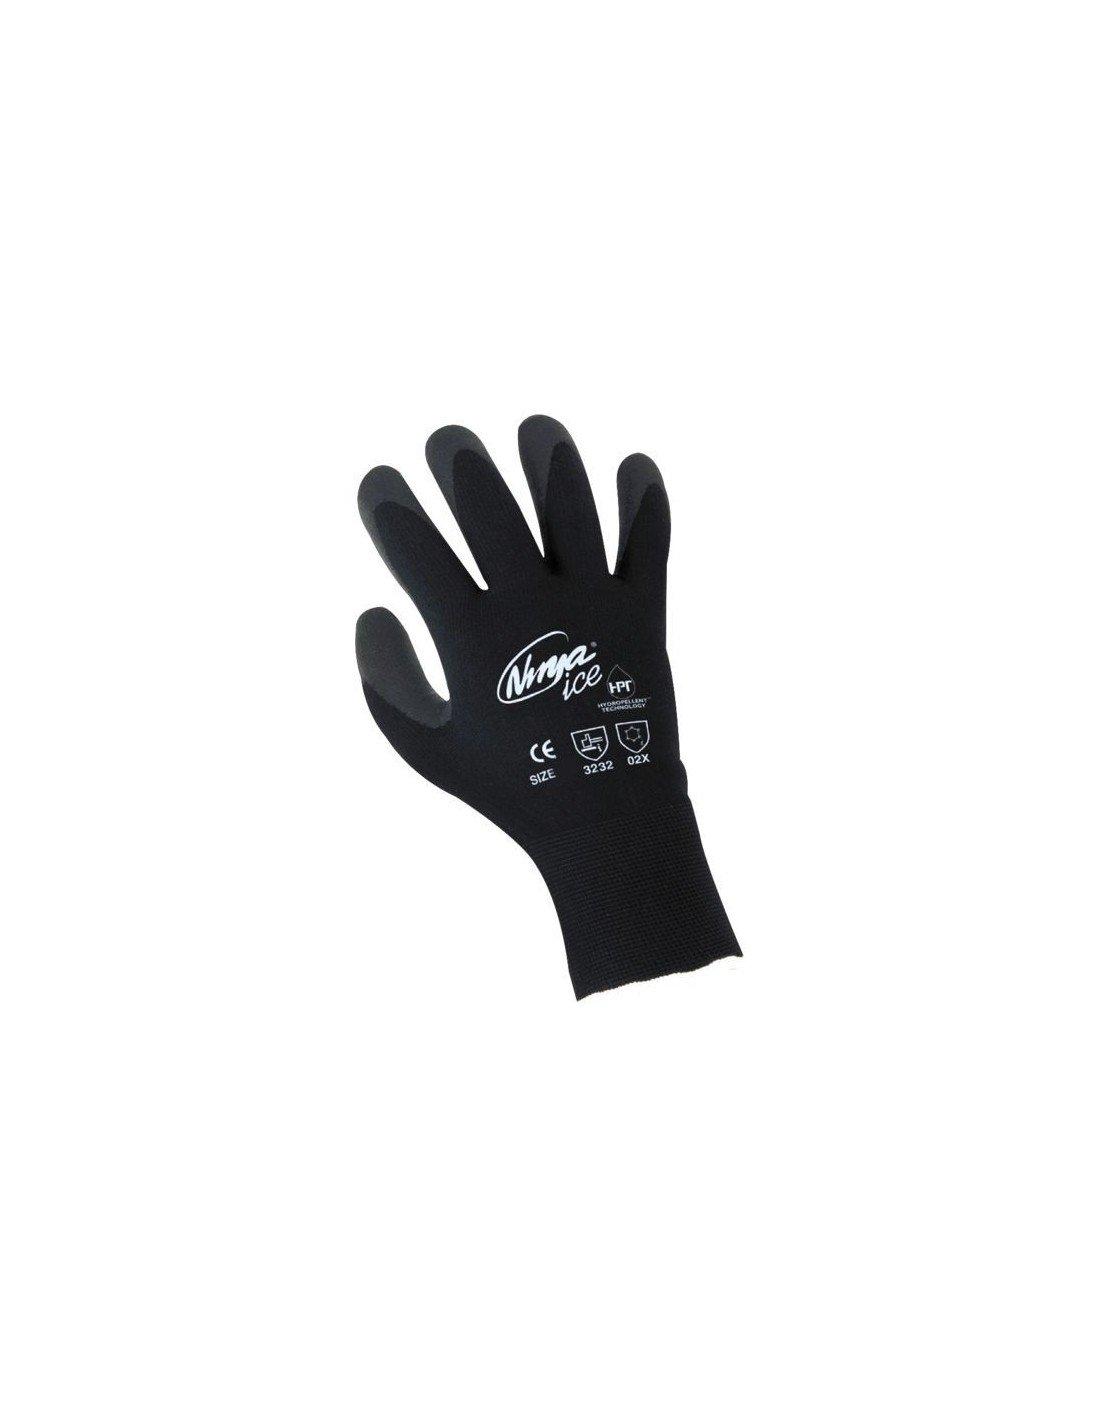 Lote de 5 pares de guantes Ninja Ice. Guante especial frío ...